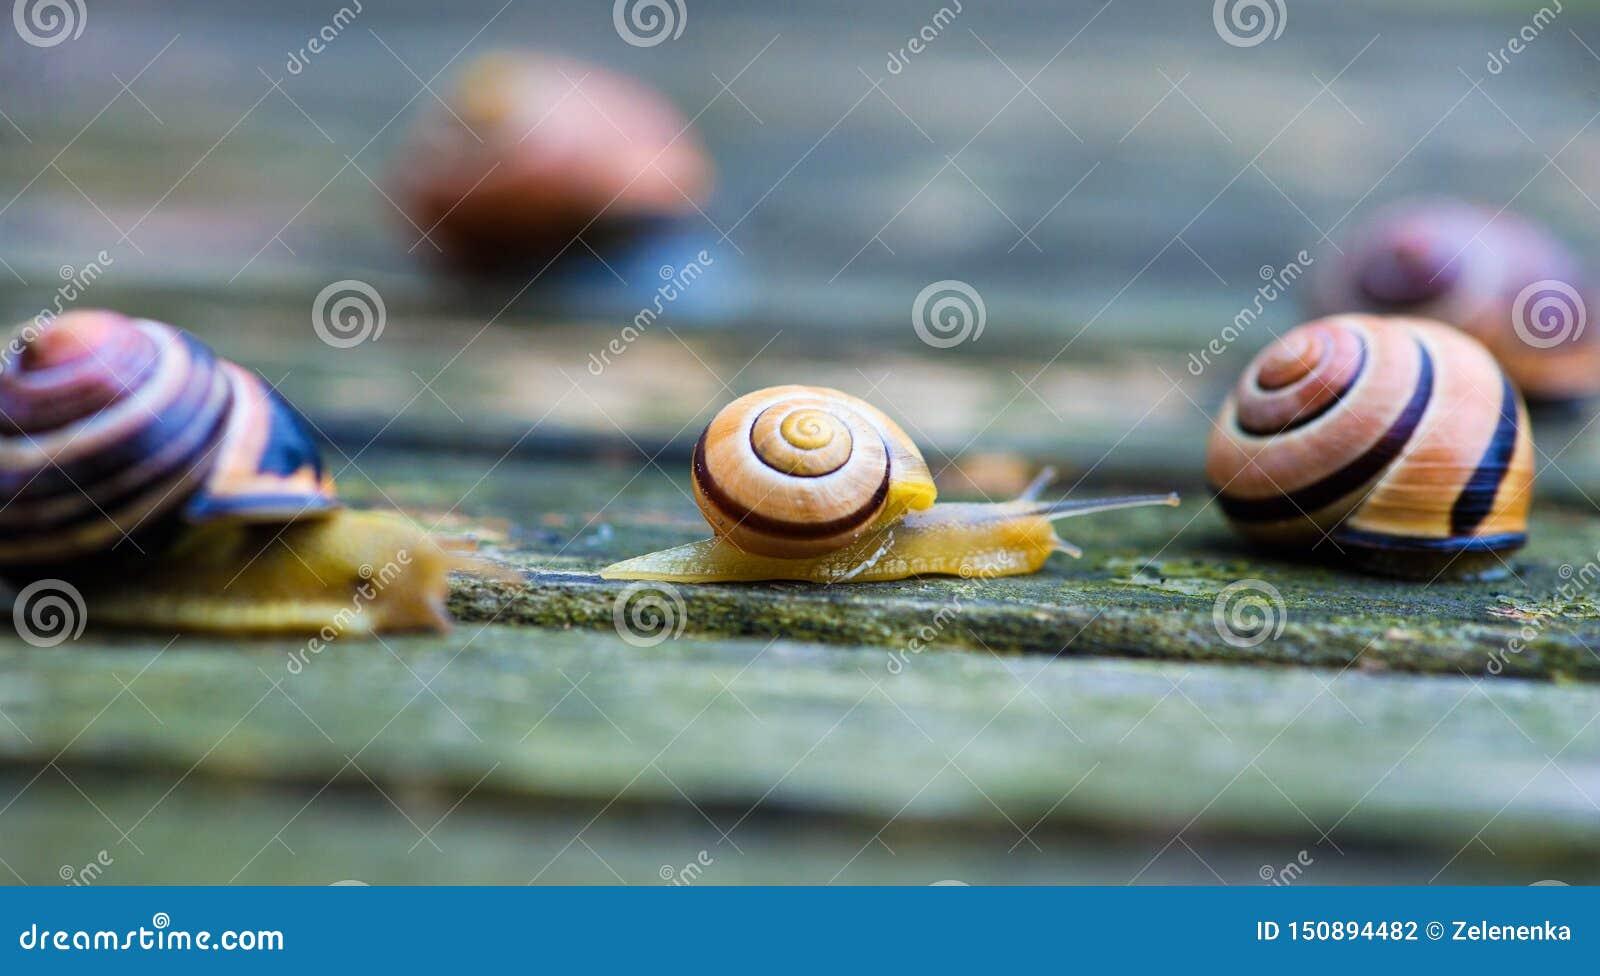 Twee slakken die zich in tegenovergestelde richtingen, een oude houten oppervlakte bewegen